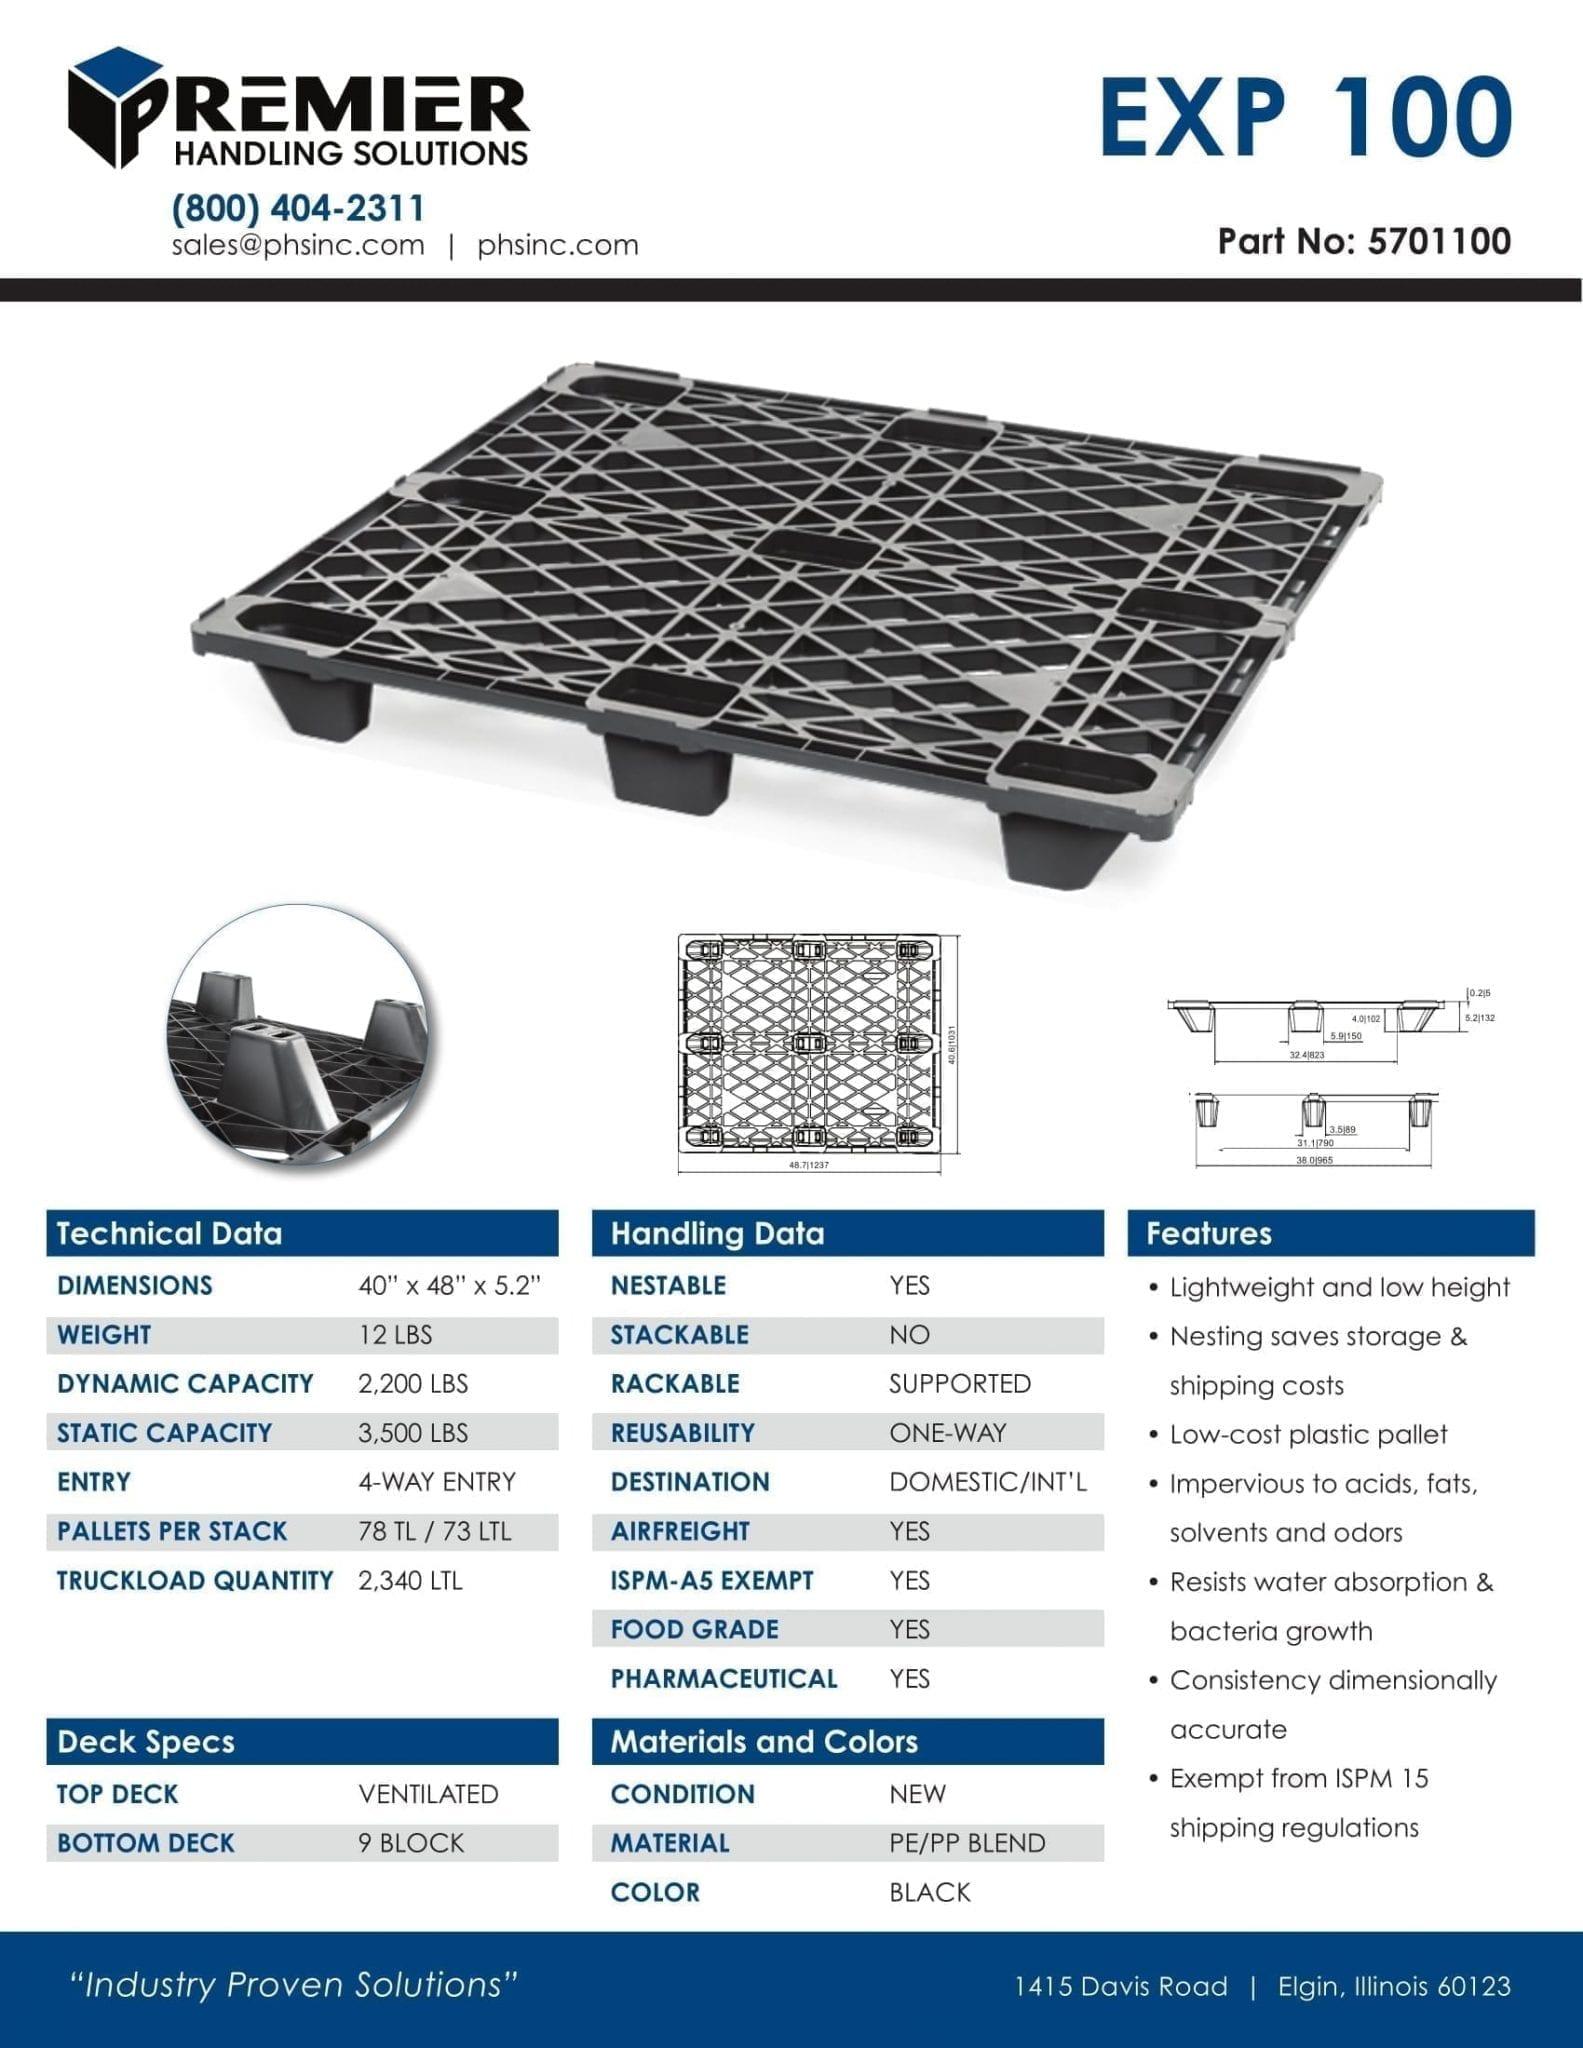 EXP 100 PLASTIC PALLET 2